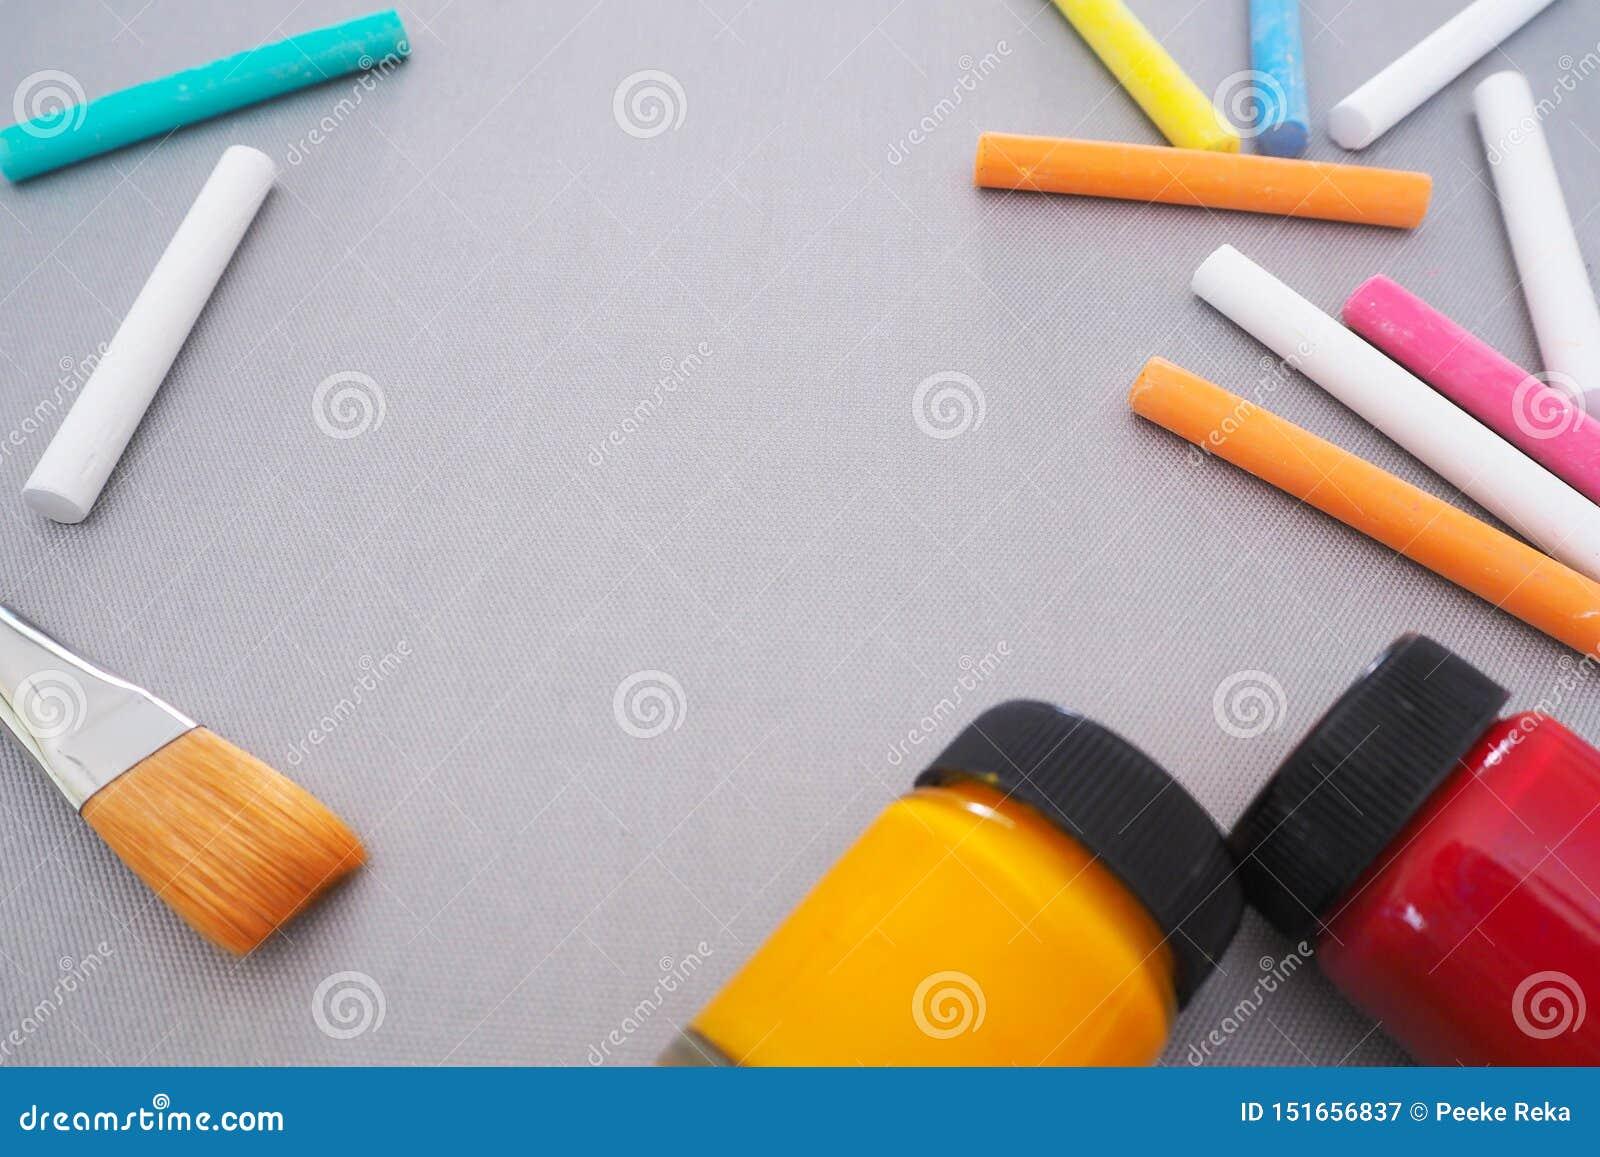 Bakgrund med utrymme för att dra konst med färgrik kritakonst